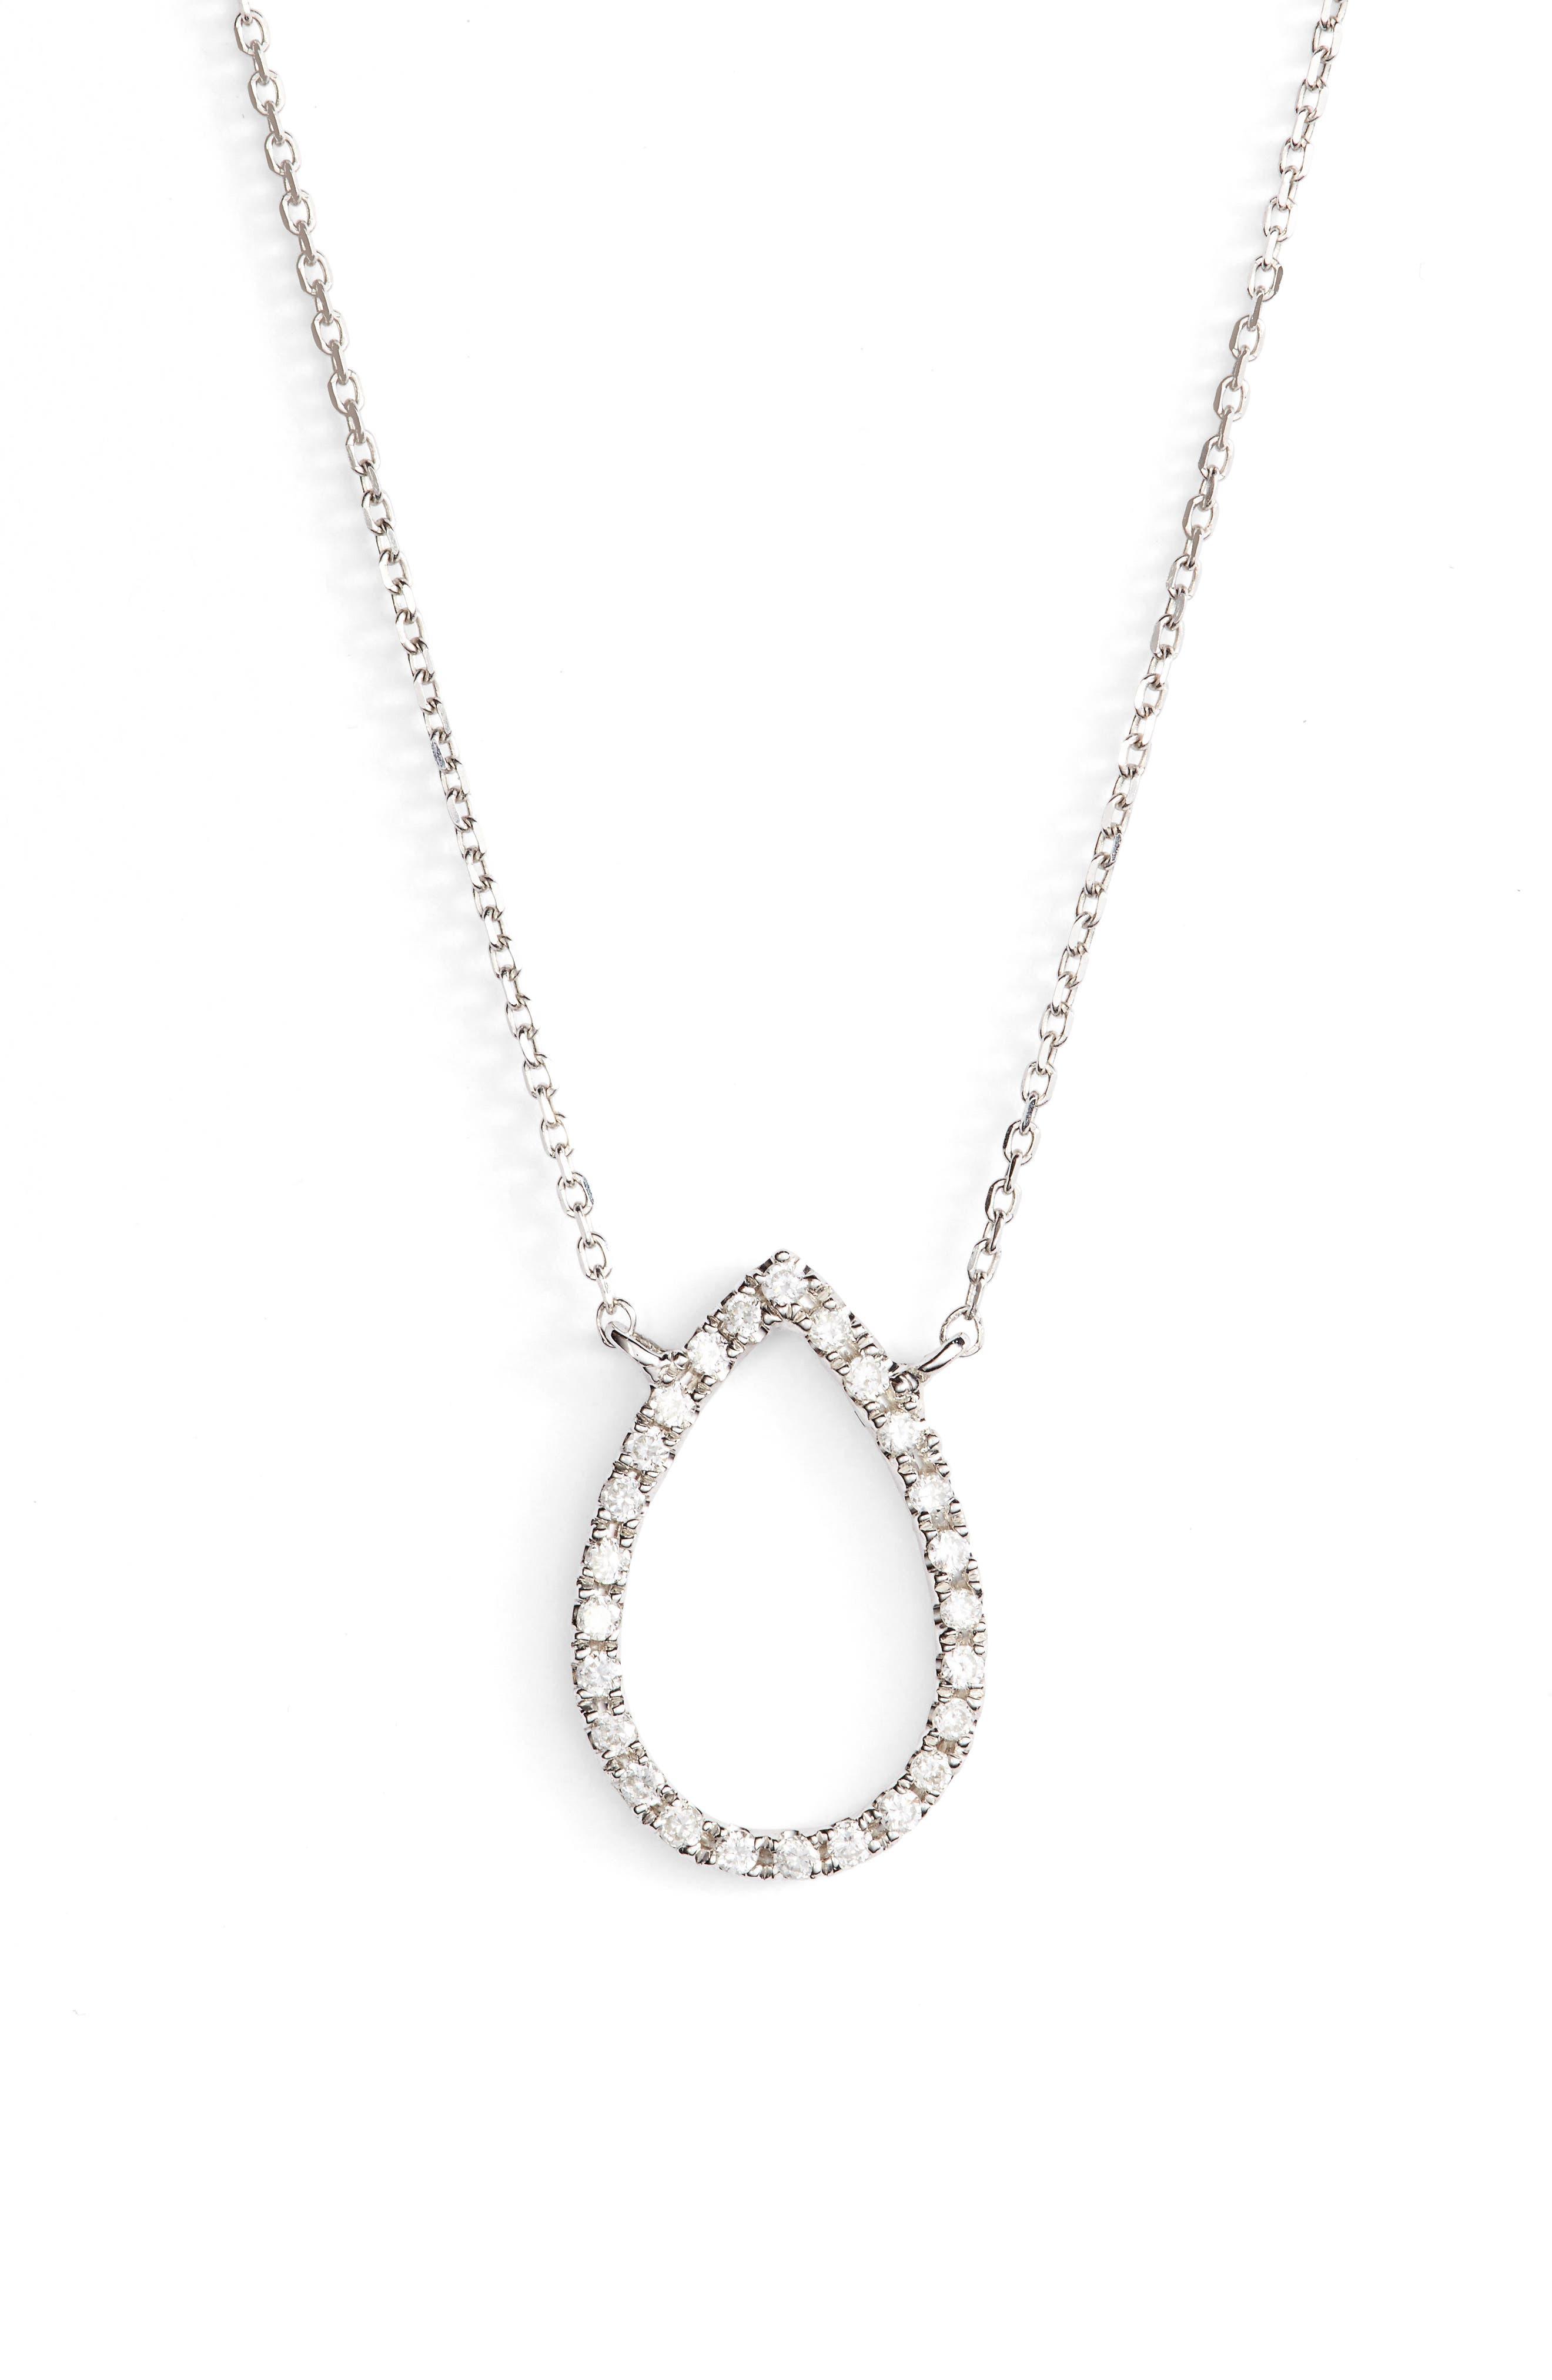 Dana Rebecca Designs Marquise Diamond Pendant Necklace